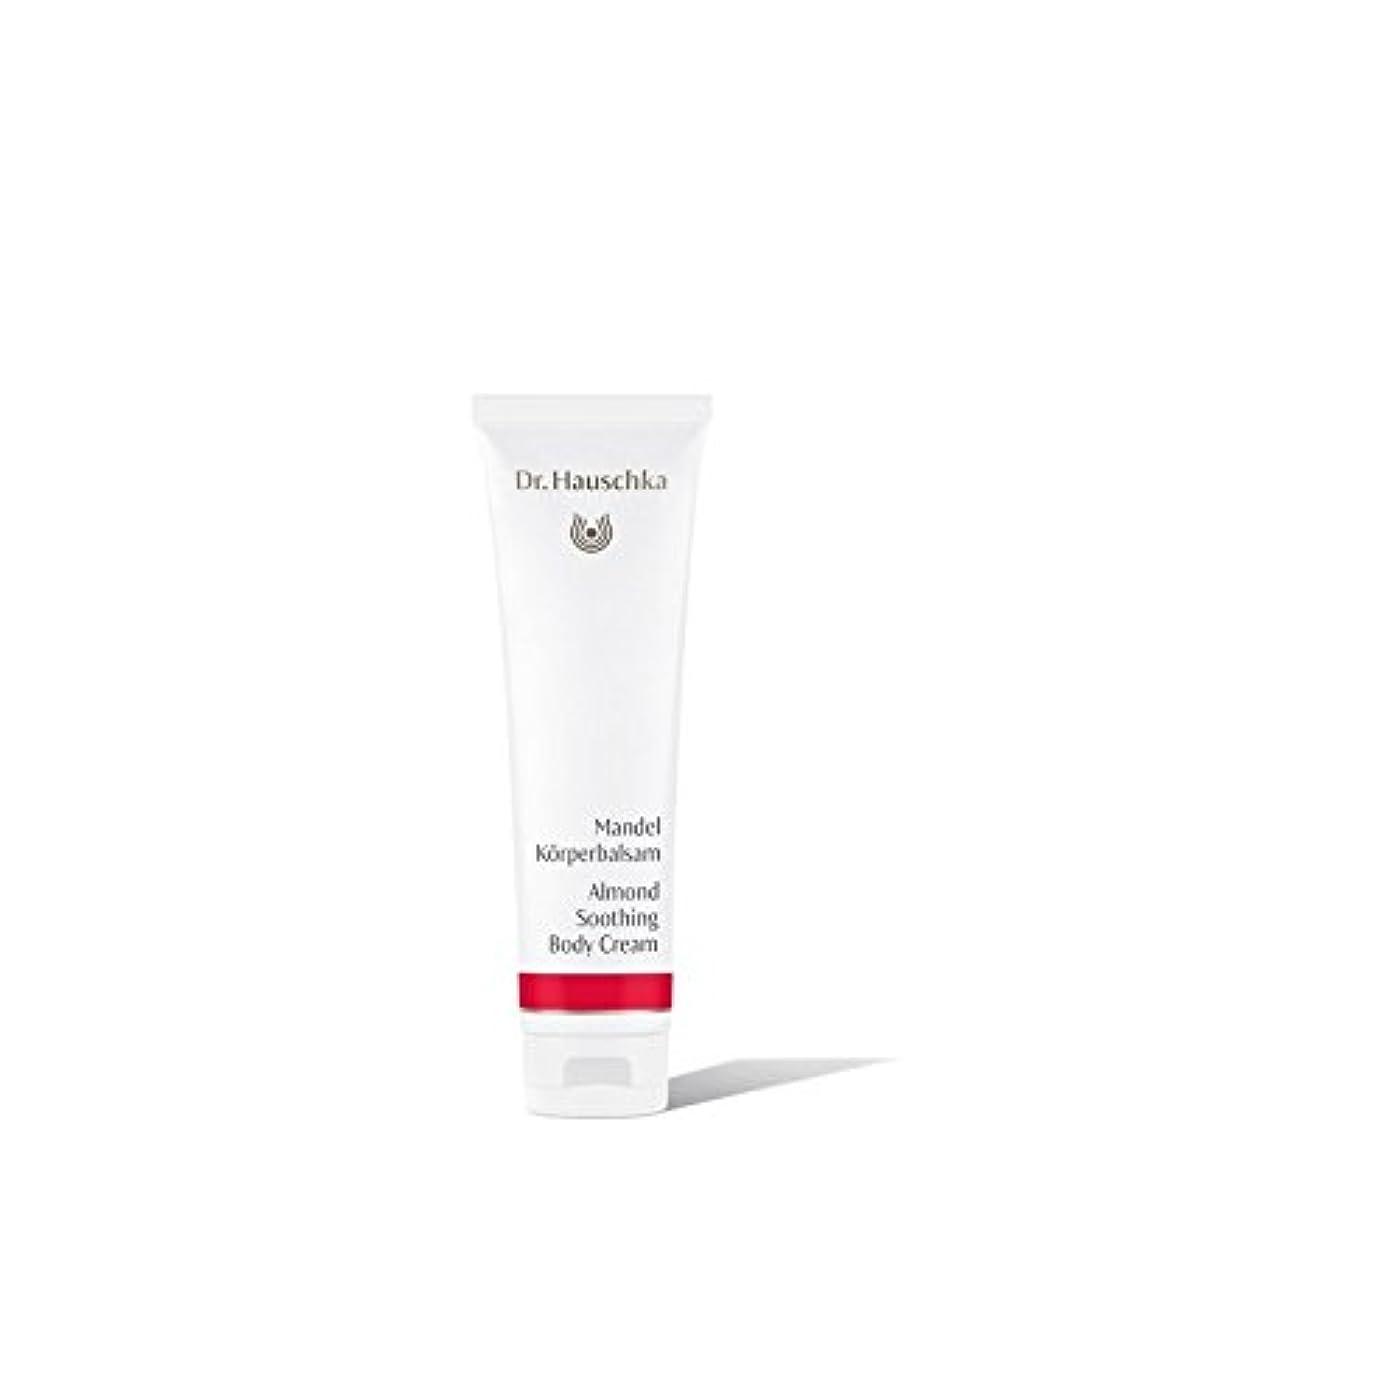 失礼キャスト有効化Dr. Hauschka Almond Soothing Body Cream (145ml) - ハウシュカアーモンドなだめるボディクリーム(145ミリリットル) [並行輸入品]